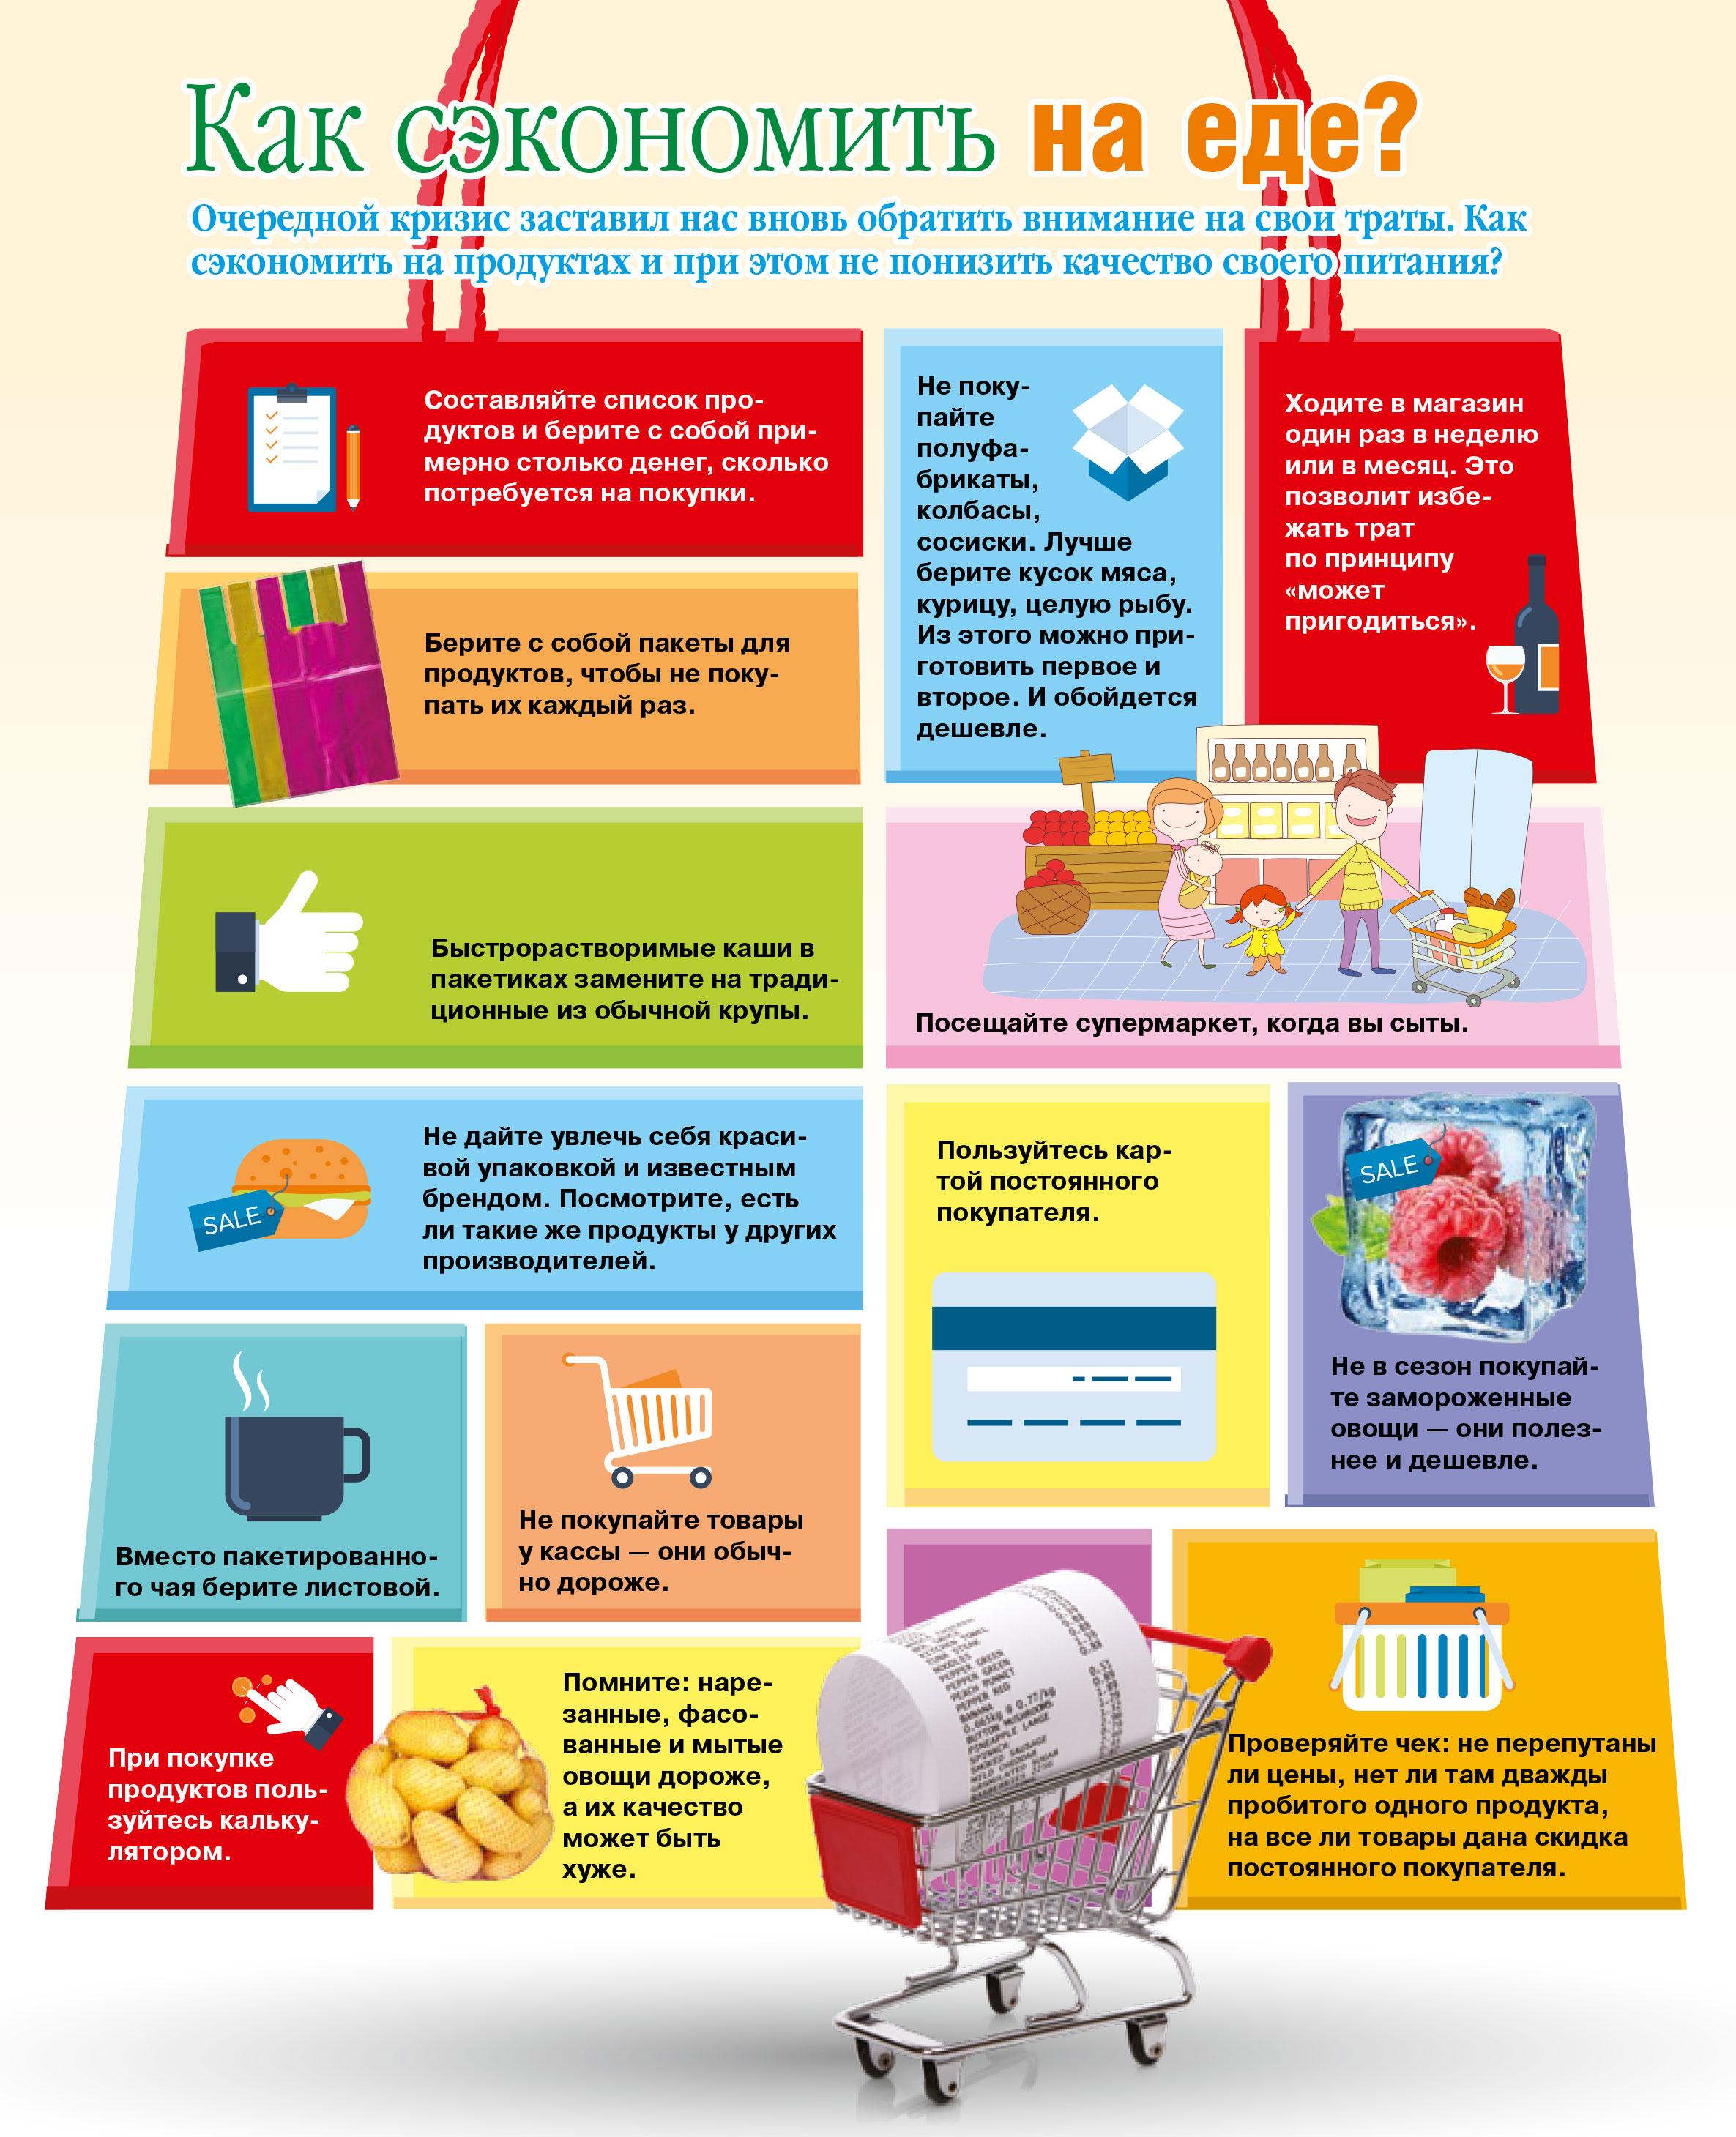 советы экономии на еде